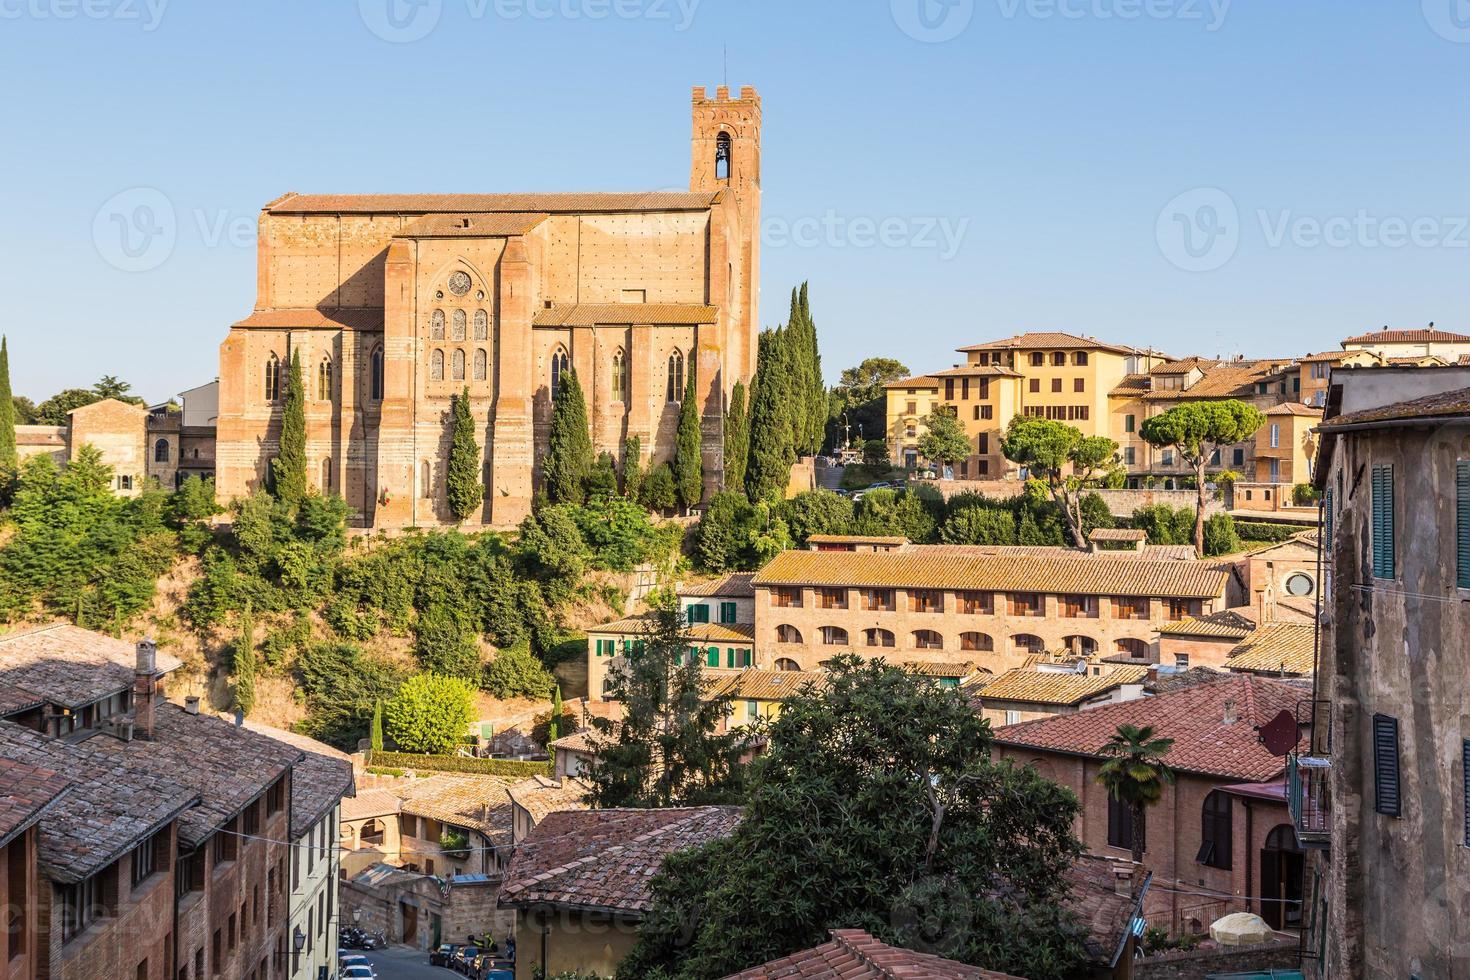 centro storico di siena, italia foto